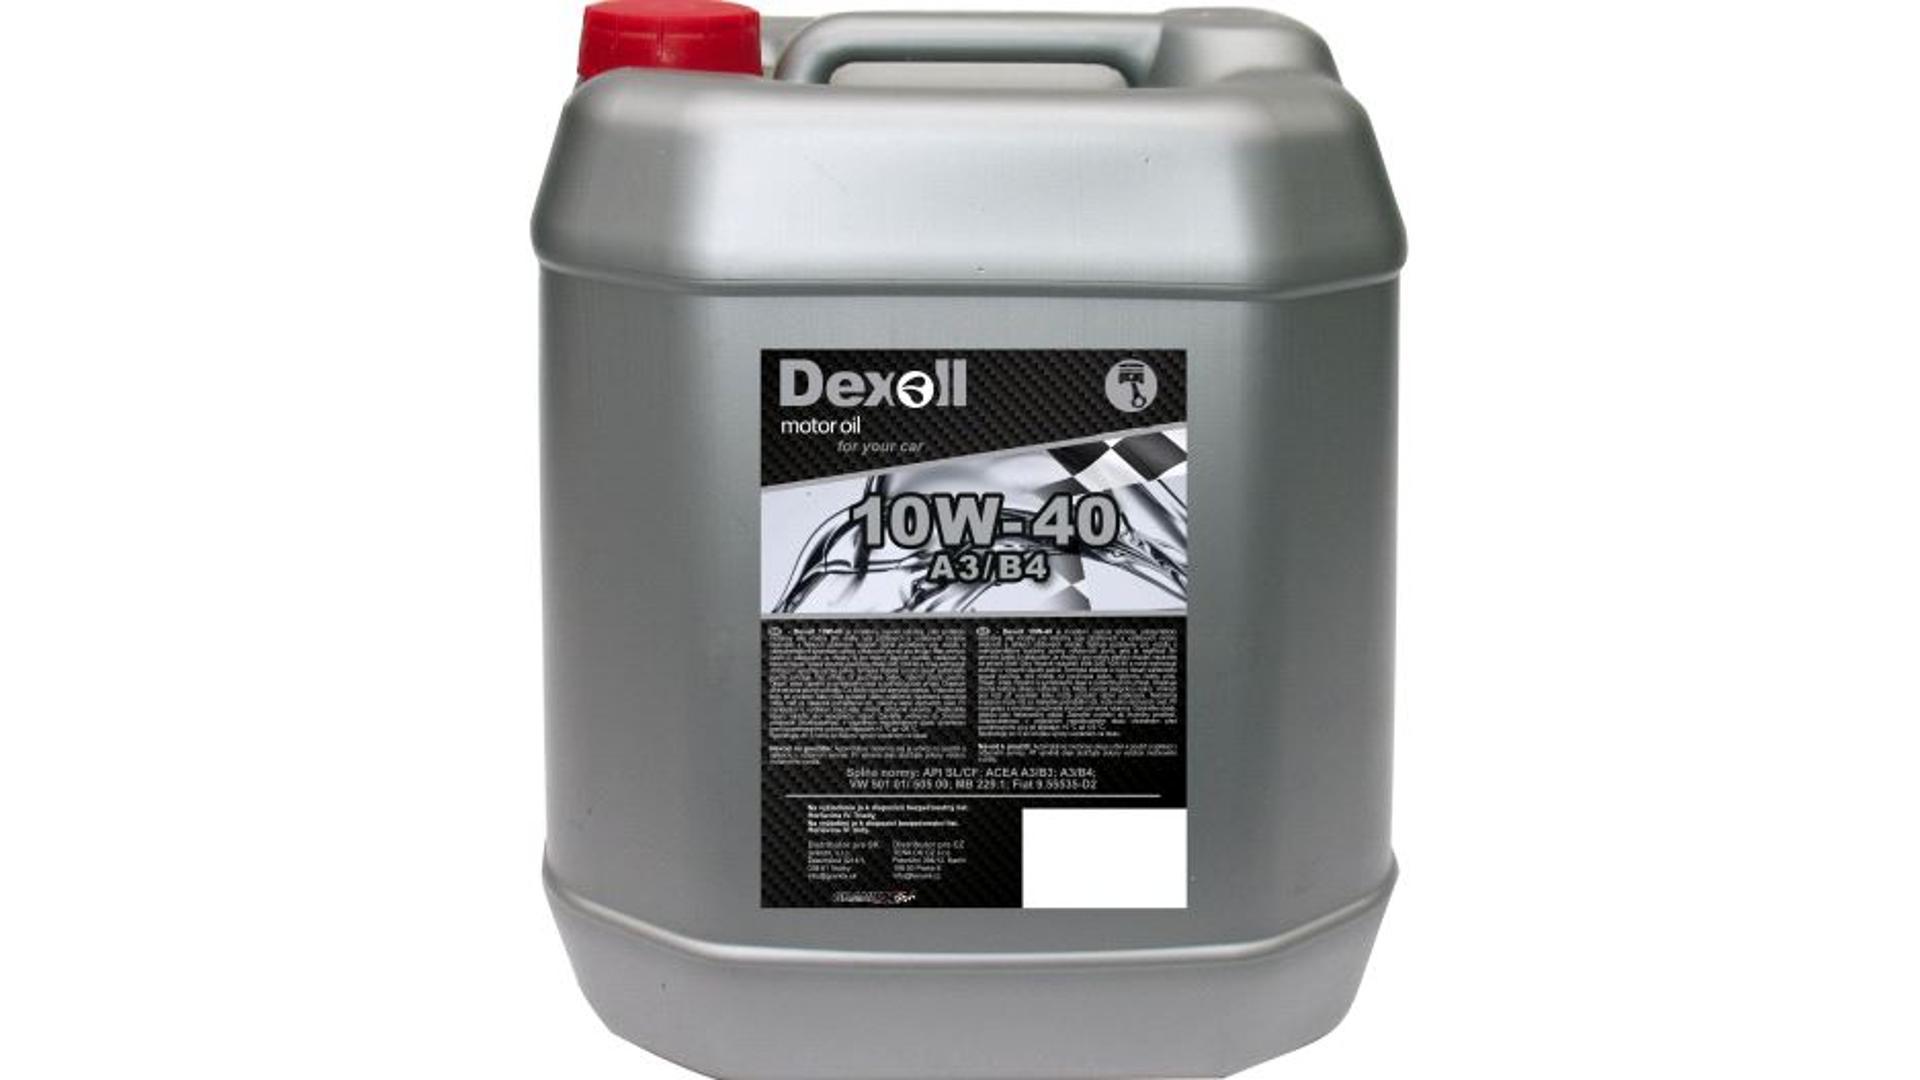 DEXOLL 10W-40 A3 / B4 10L